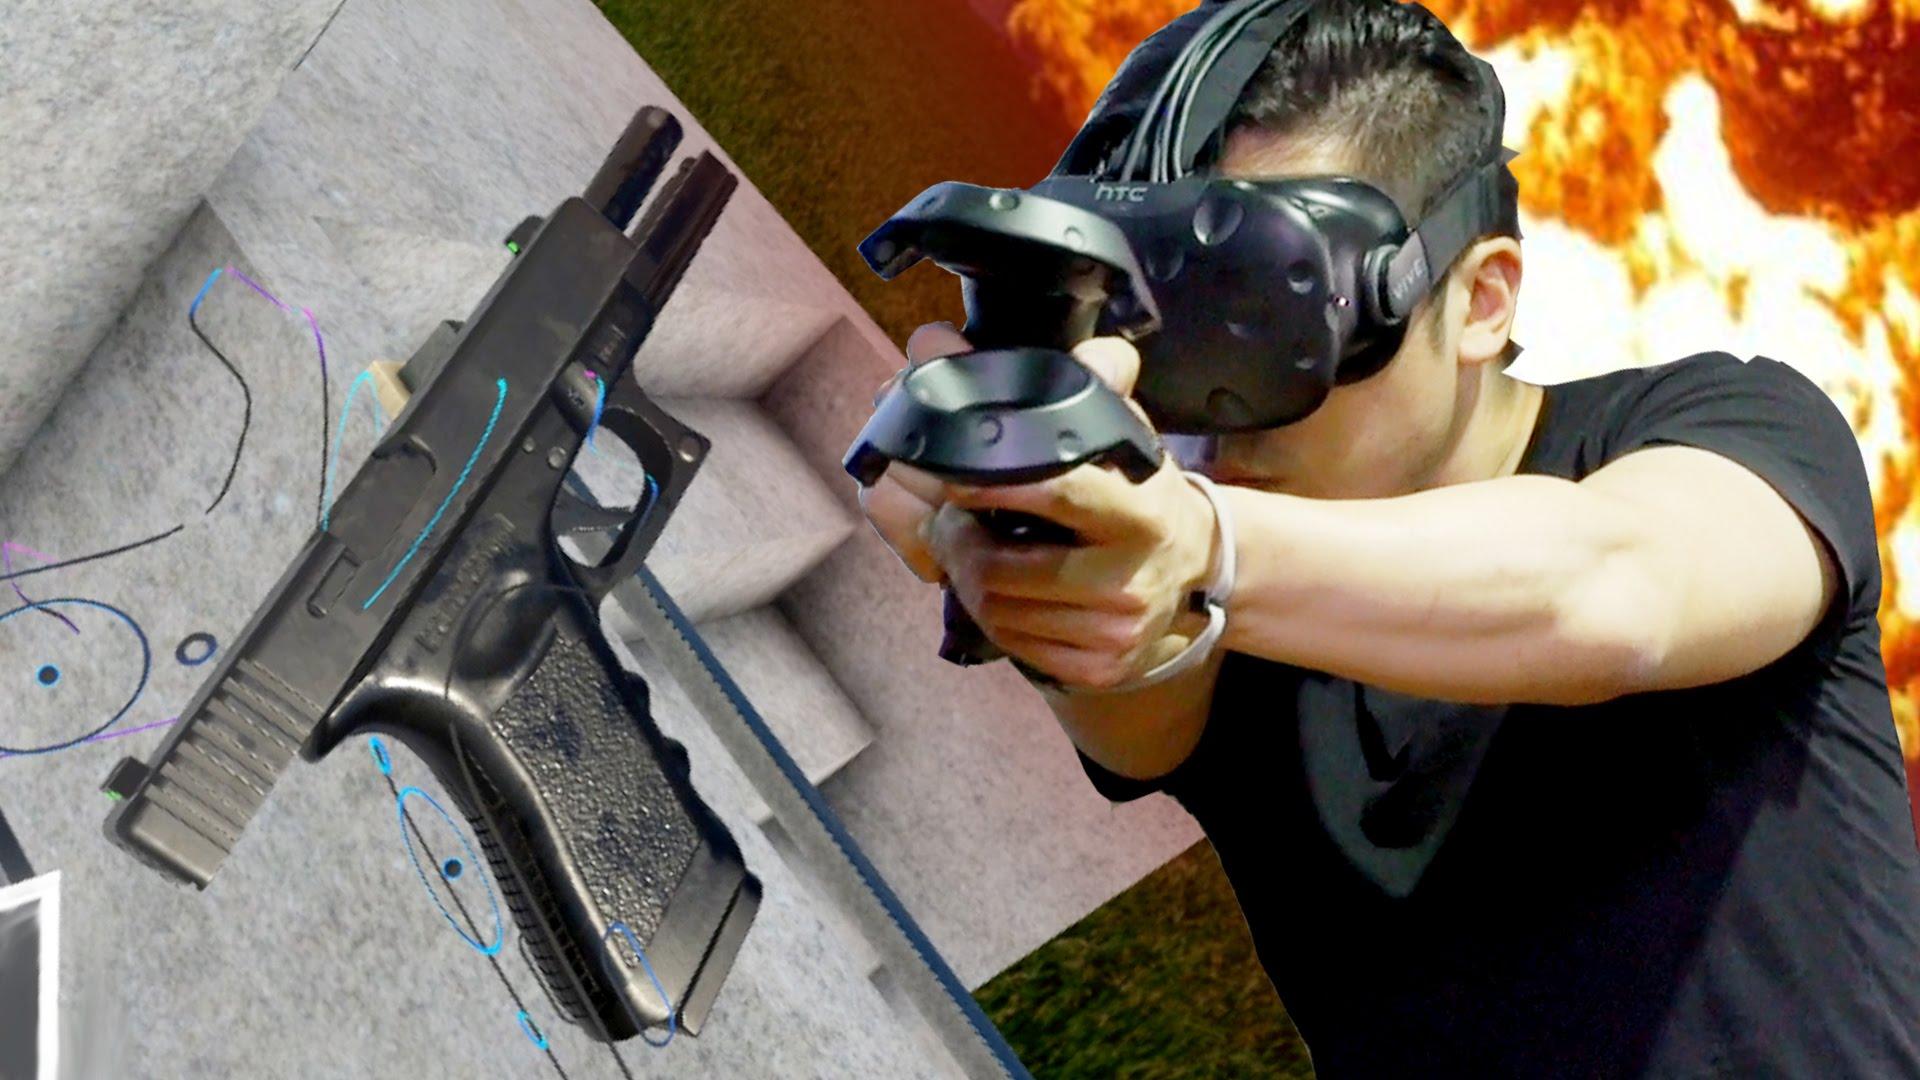 vr guns